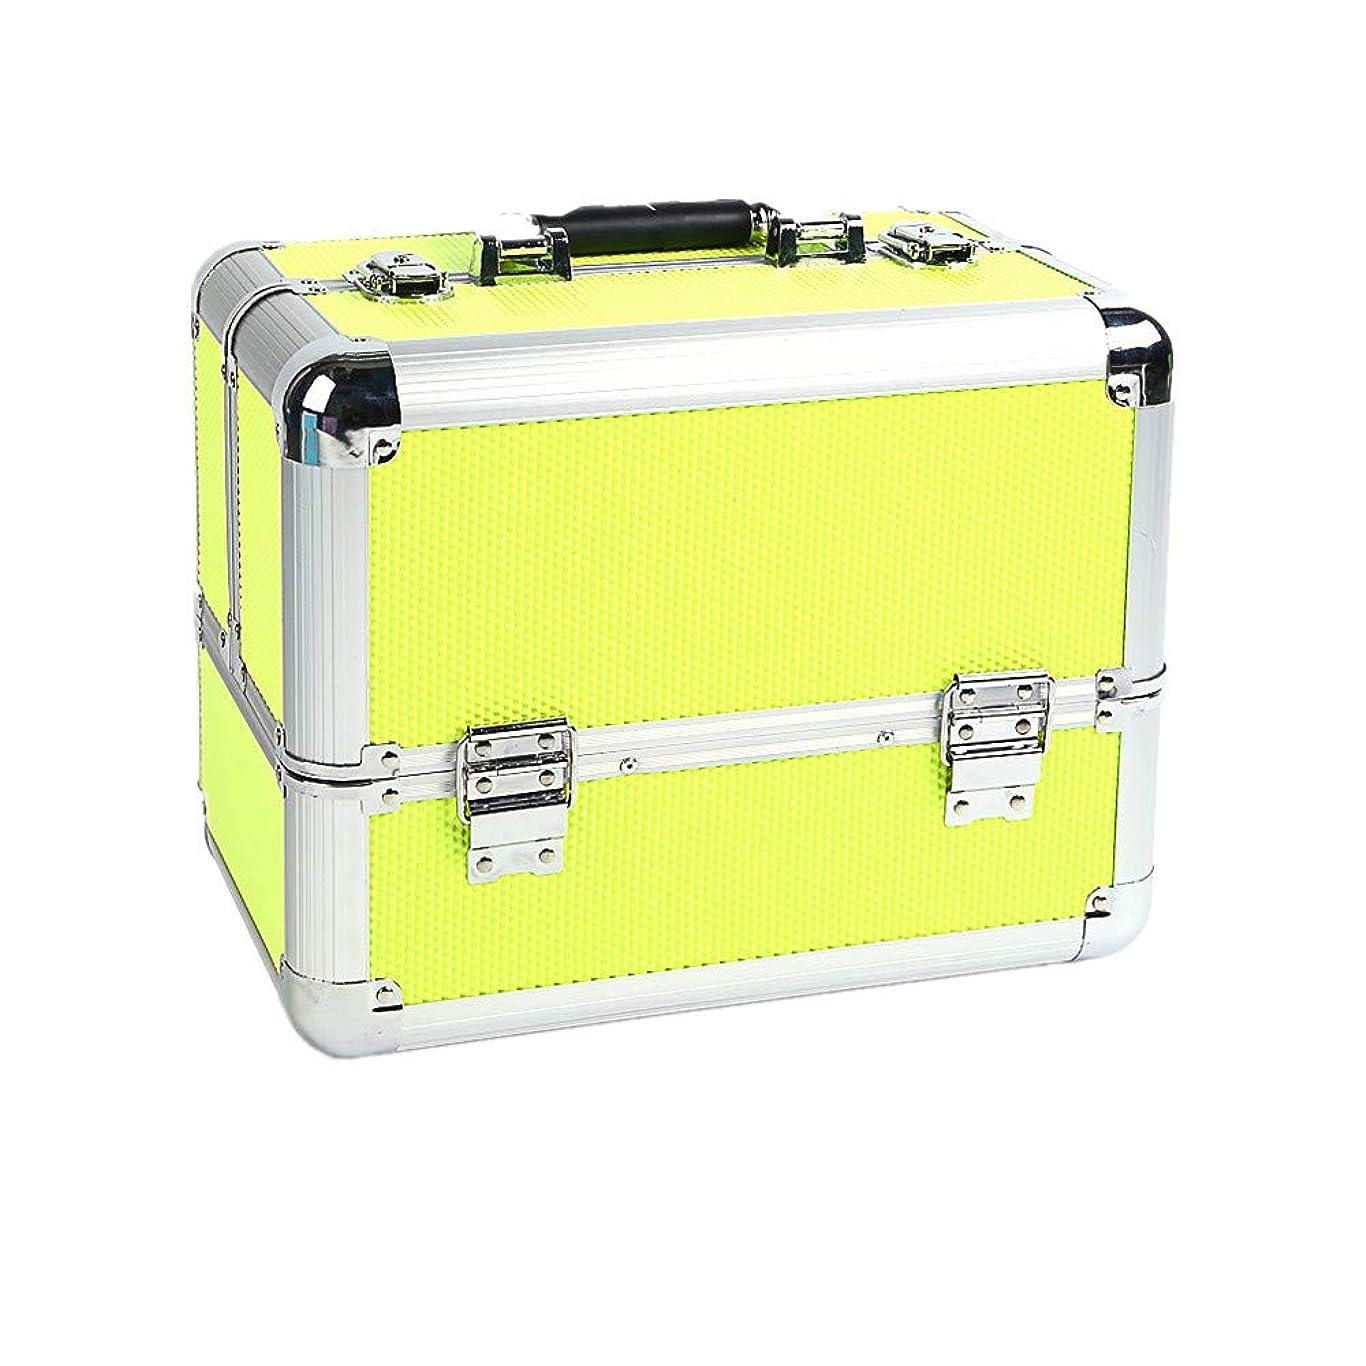 包括的しっとり立証する化粧オーガナイザーバッグ 大容量ポータブル化粧品ケース用トラベルアクセサリーシャンプーボディウォッシュパーソナルアイテムストレージロックと拡張トレイ 化粧品ケース